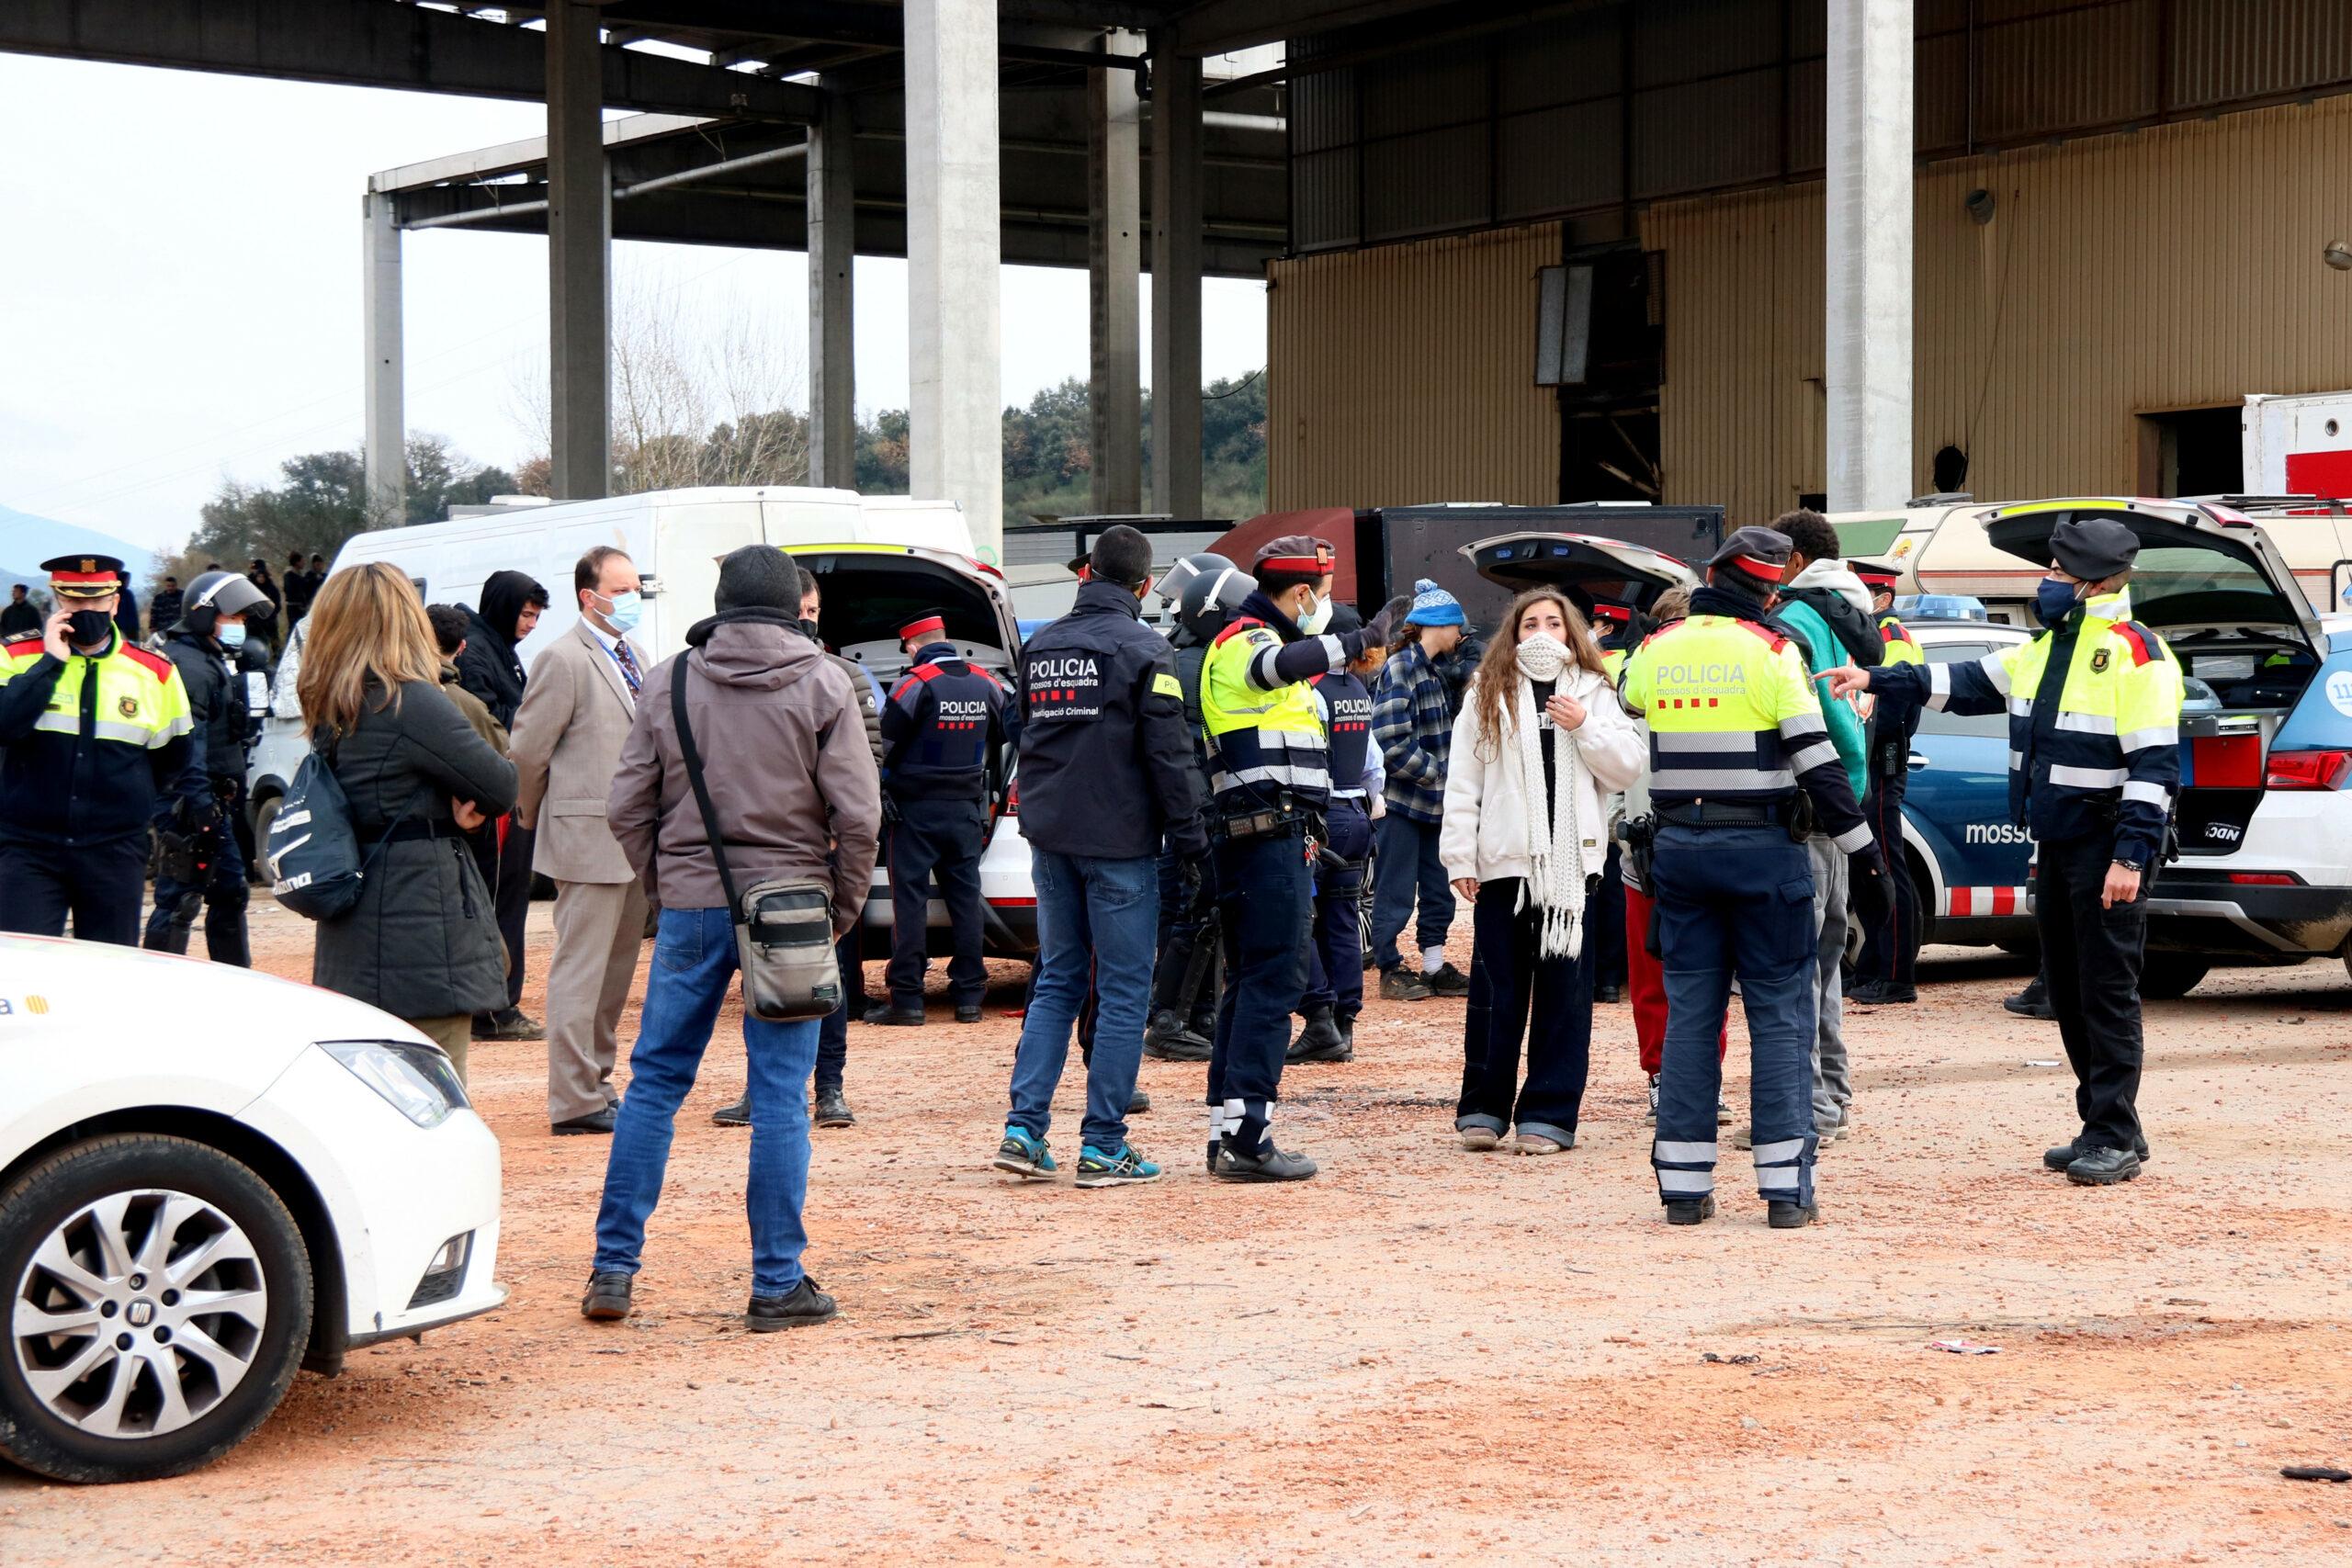 La nau on es feia la 'rave' de Llinars amb els Mossos identificant alguns dels assistents | ACN